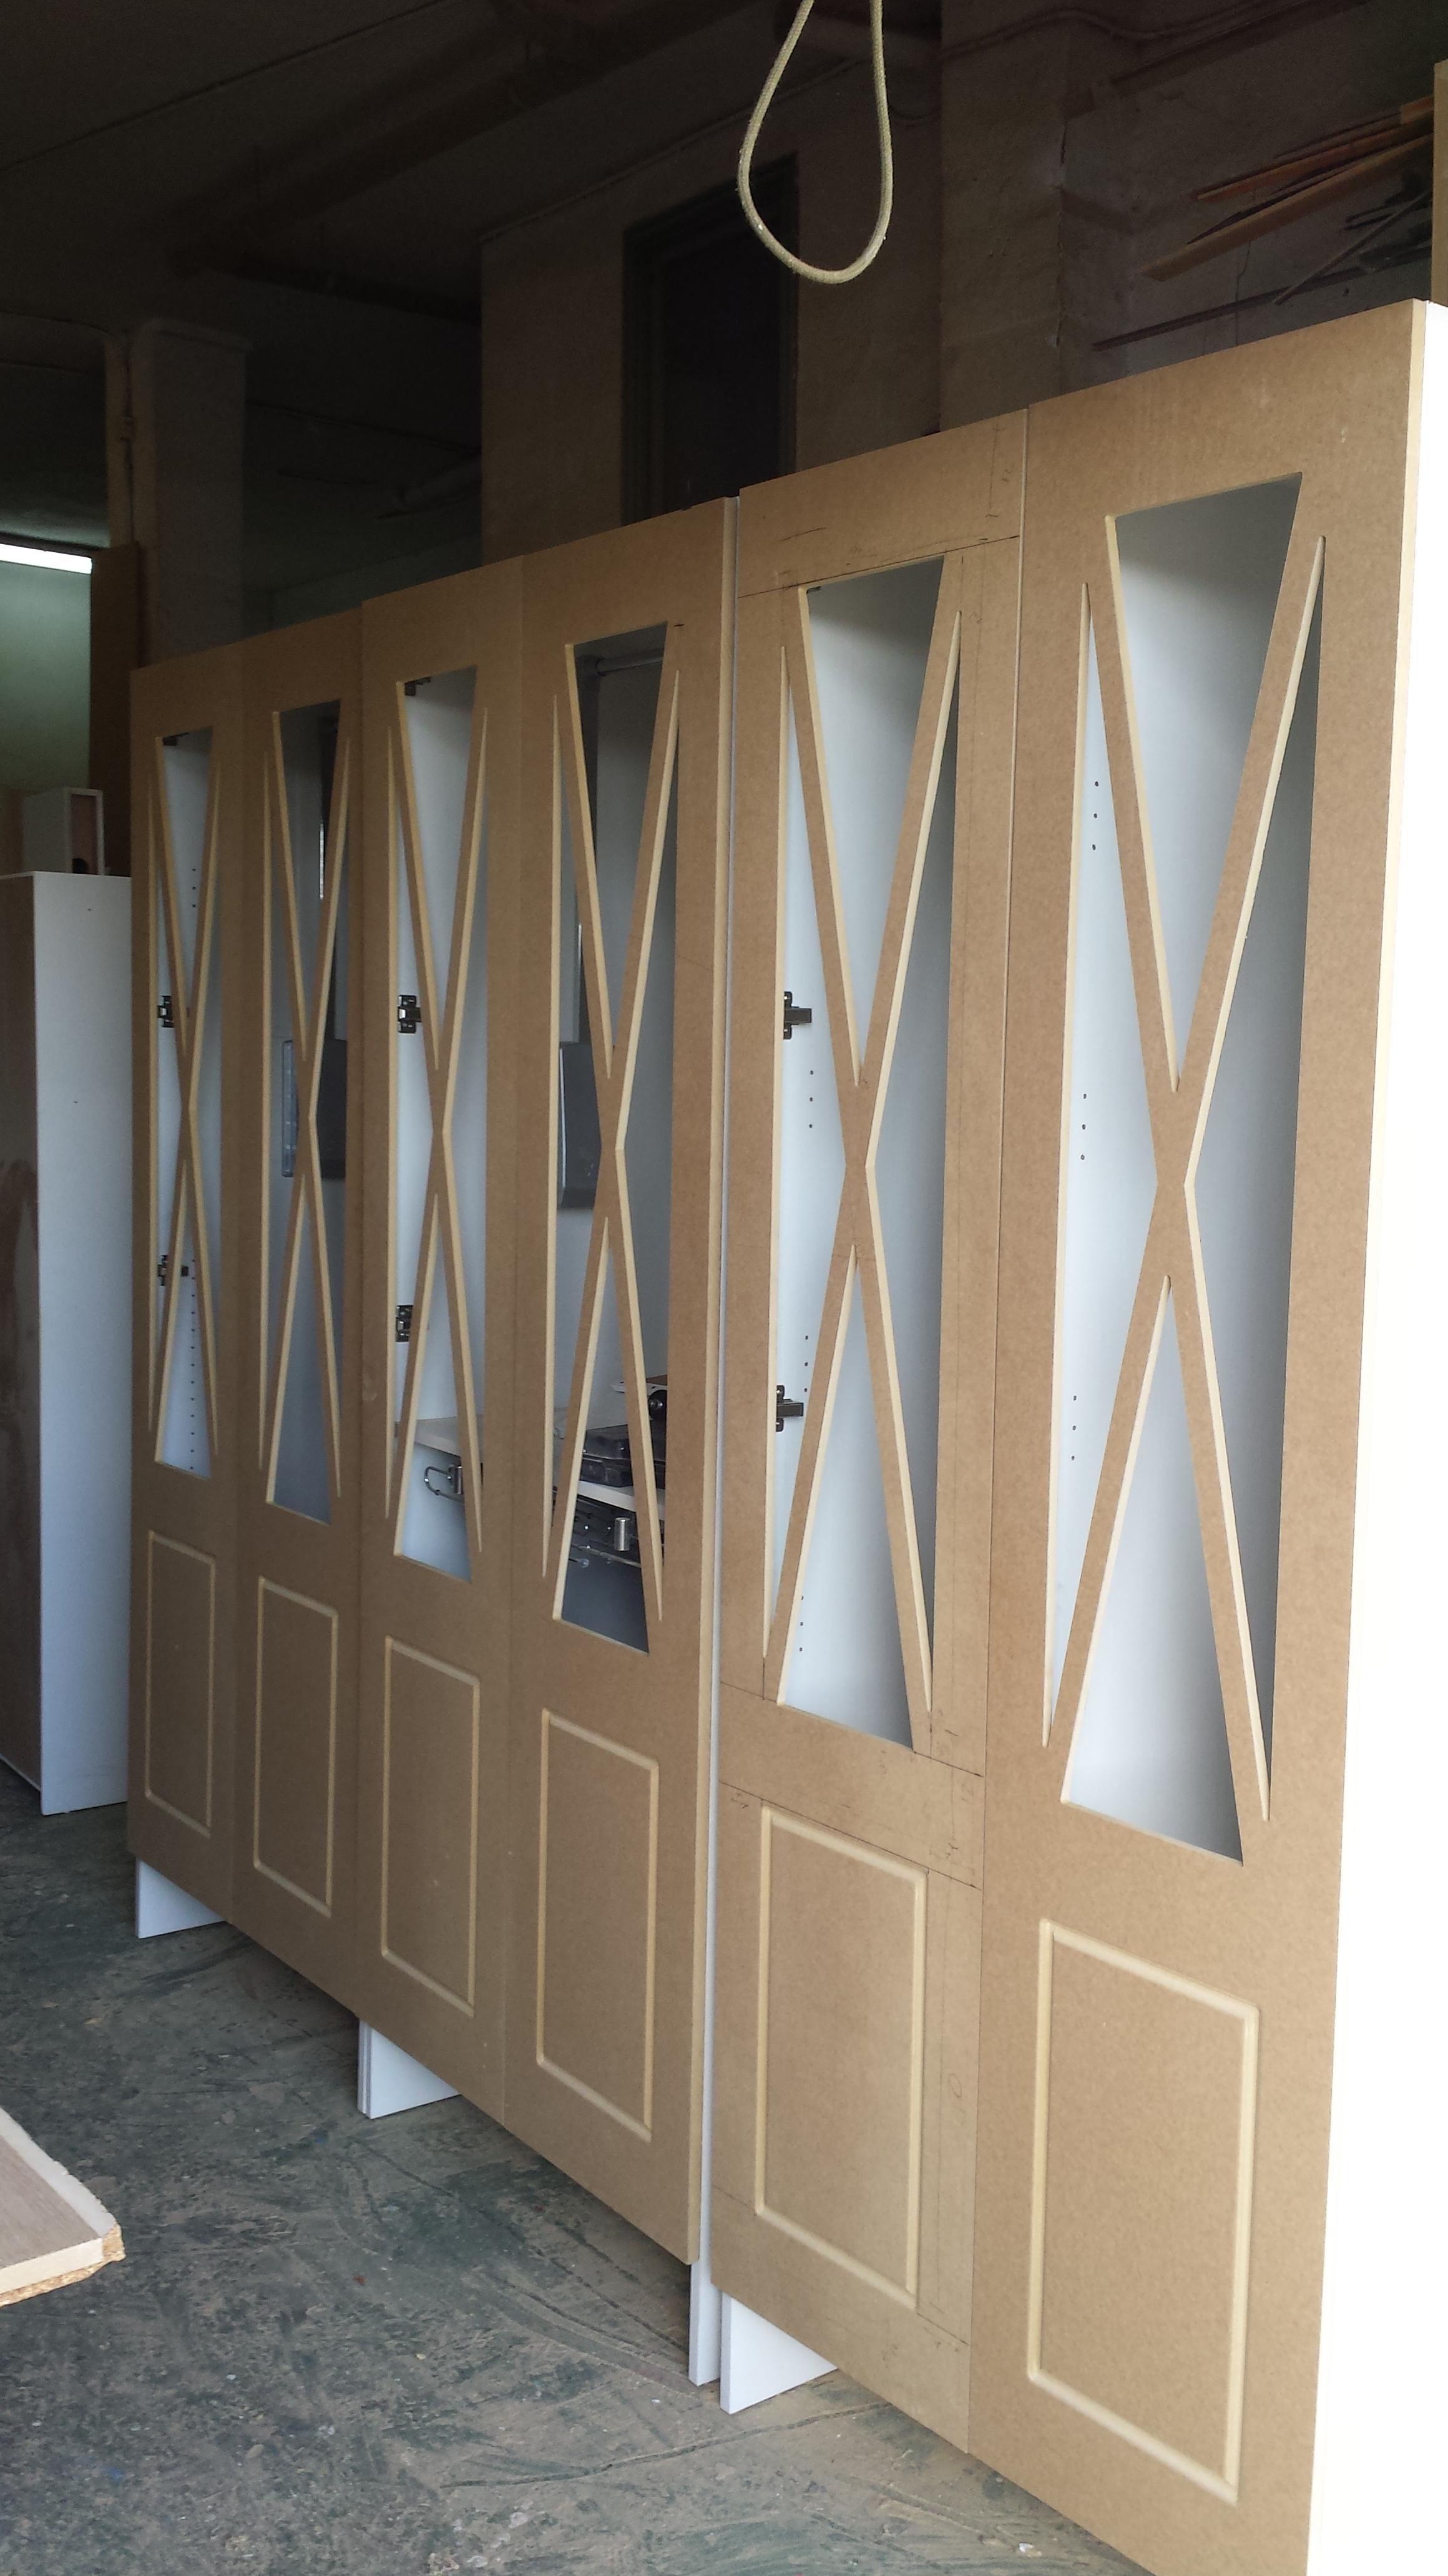 axis carpinteria y diseño badajoz extremadura madera mueble a medida mobiliario interiorismo decoracion (2)